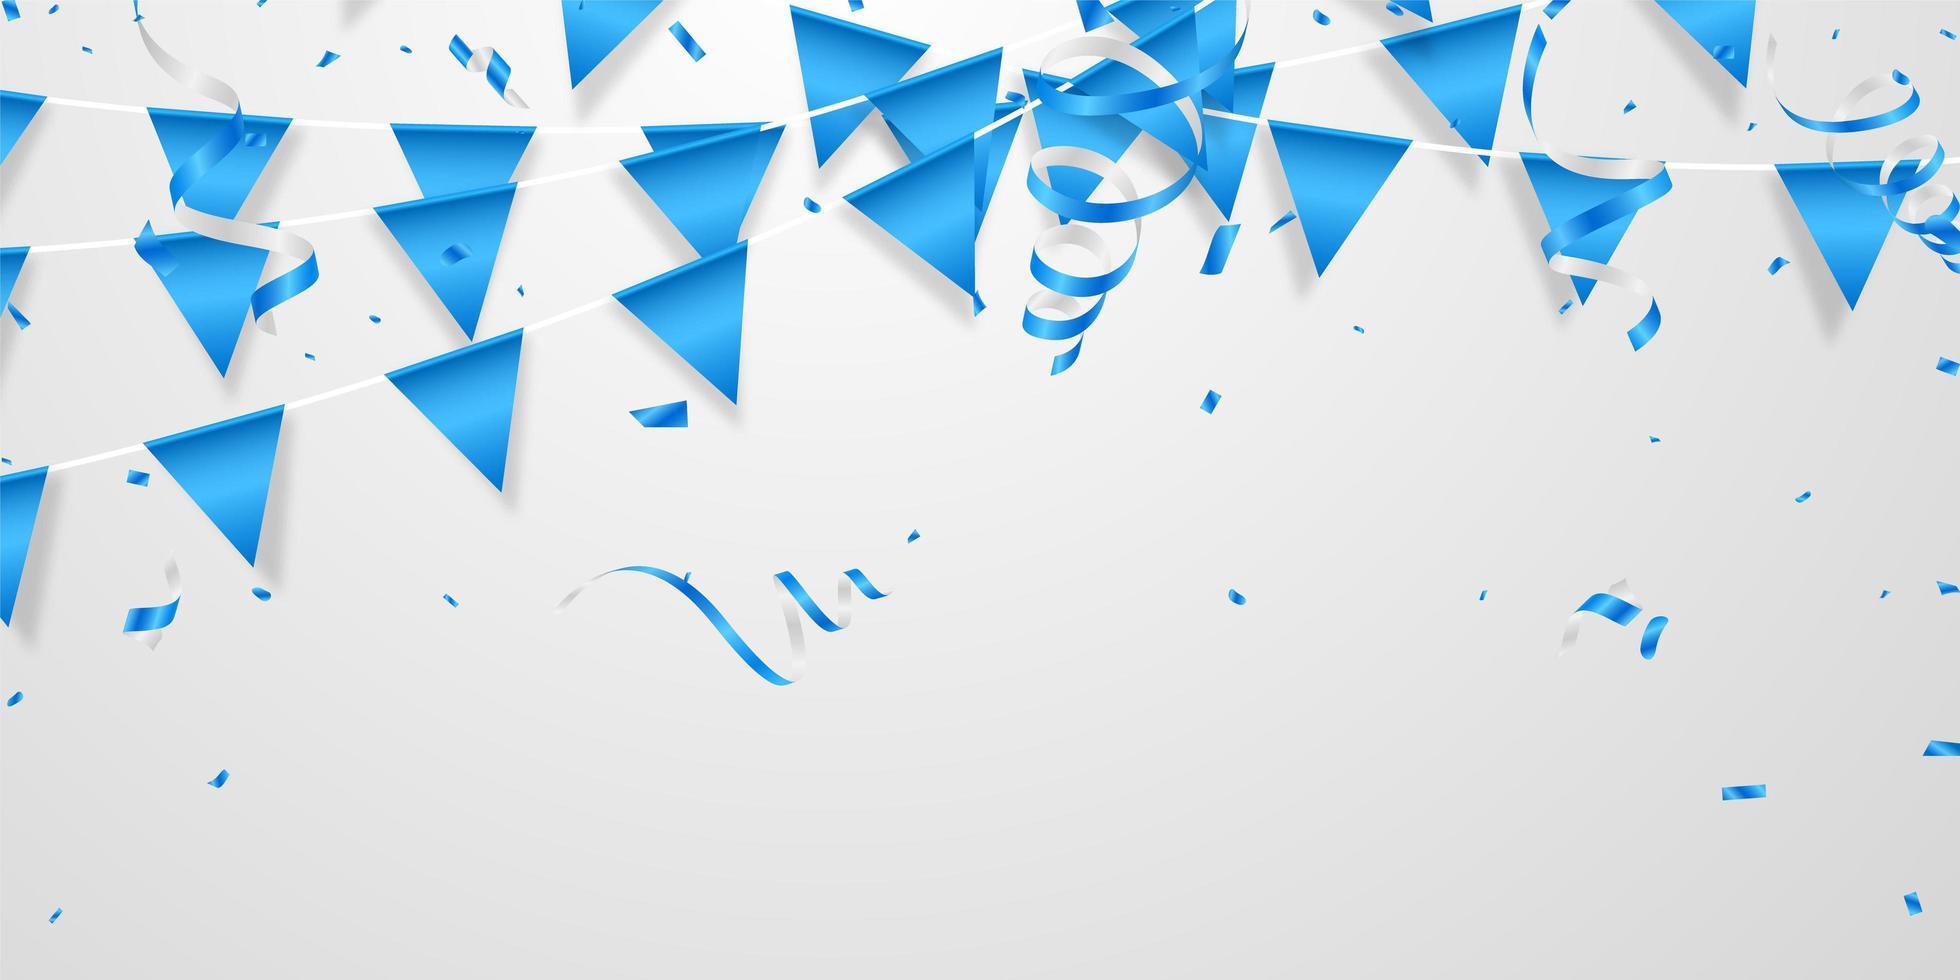 bandiera del partito e design concept coriandoli blu vettore